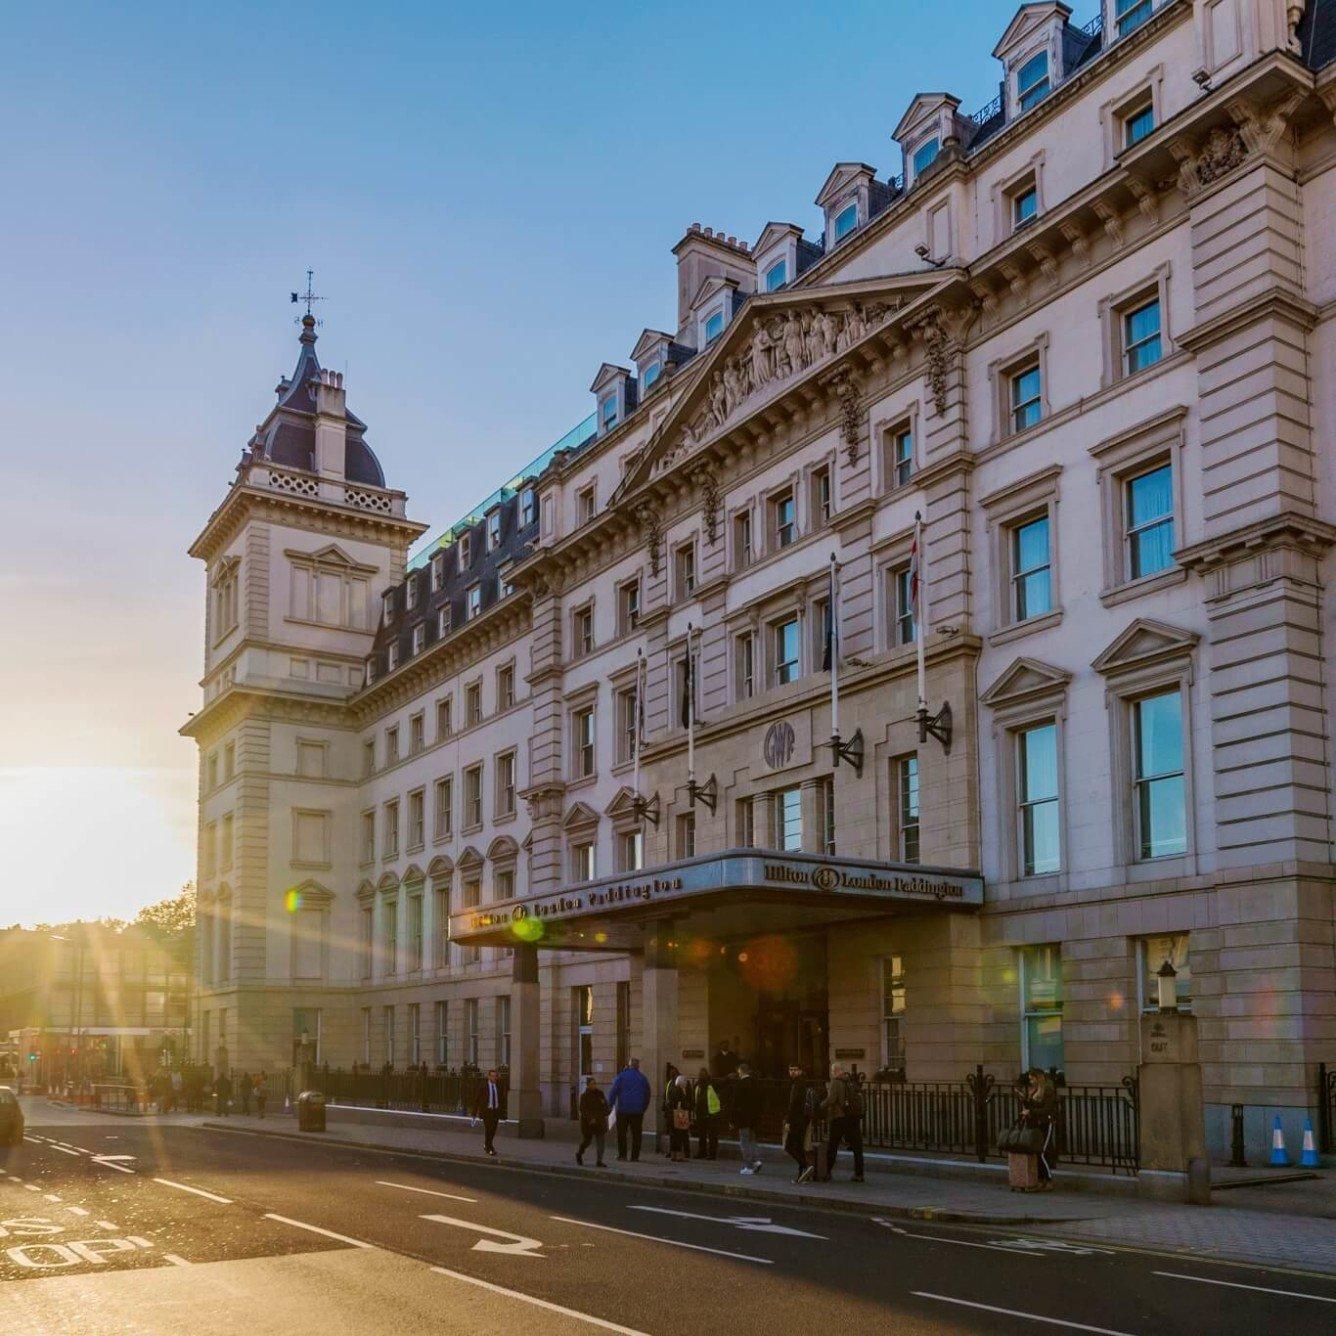 Hilton London Paddington - Facade of the building